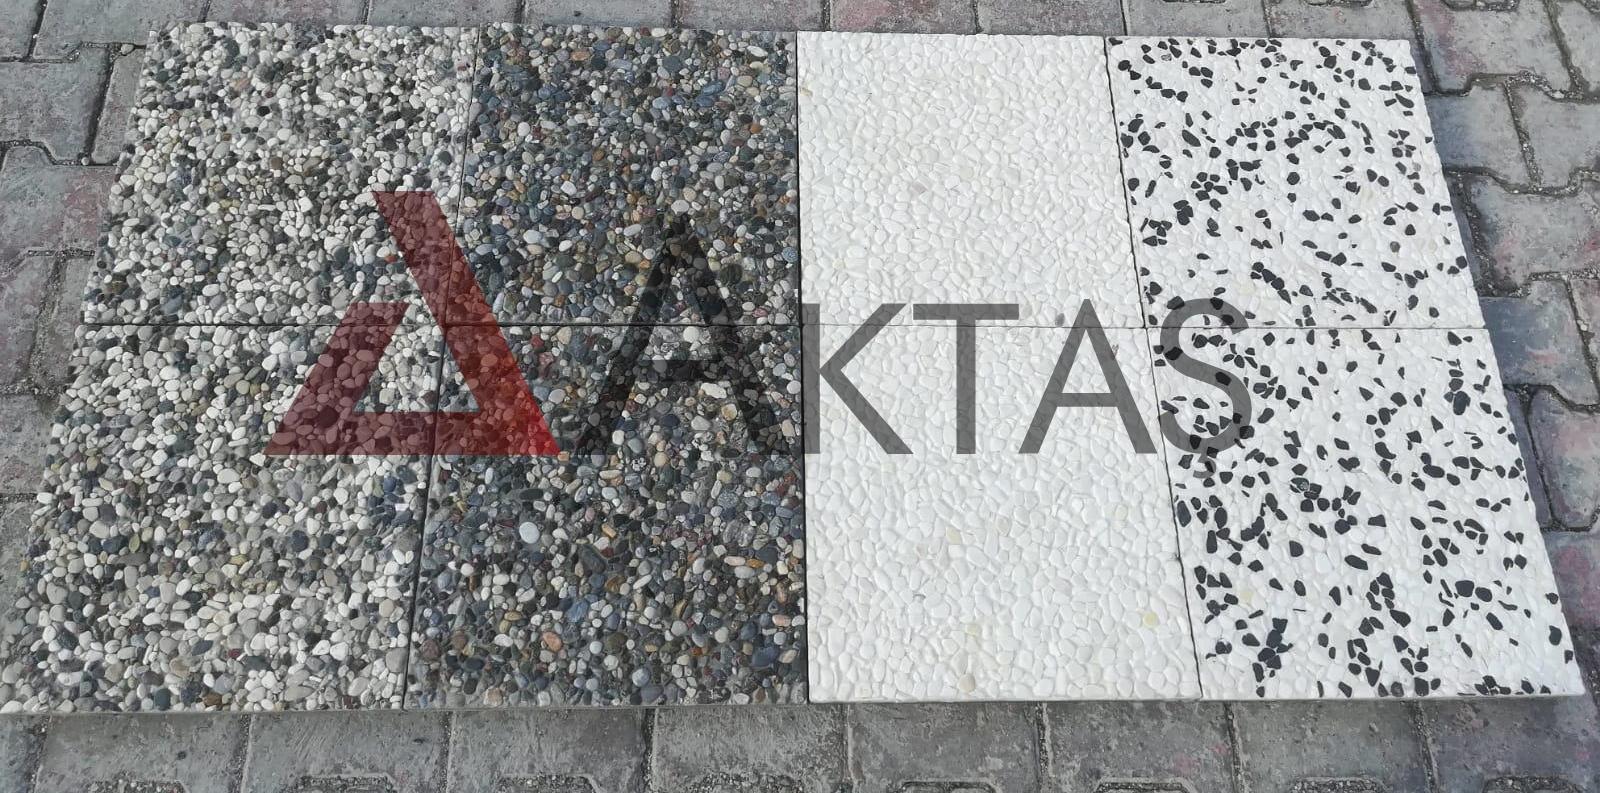 wash beton çeşitleri